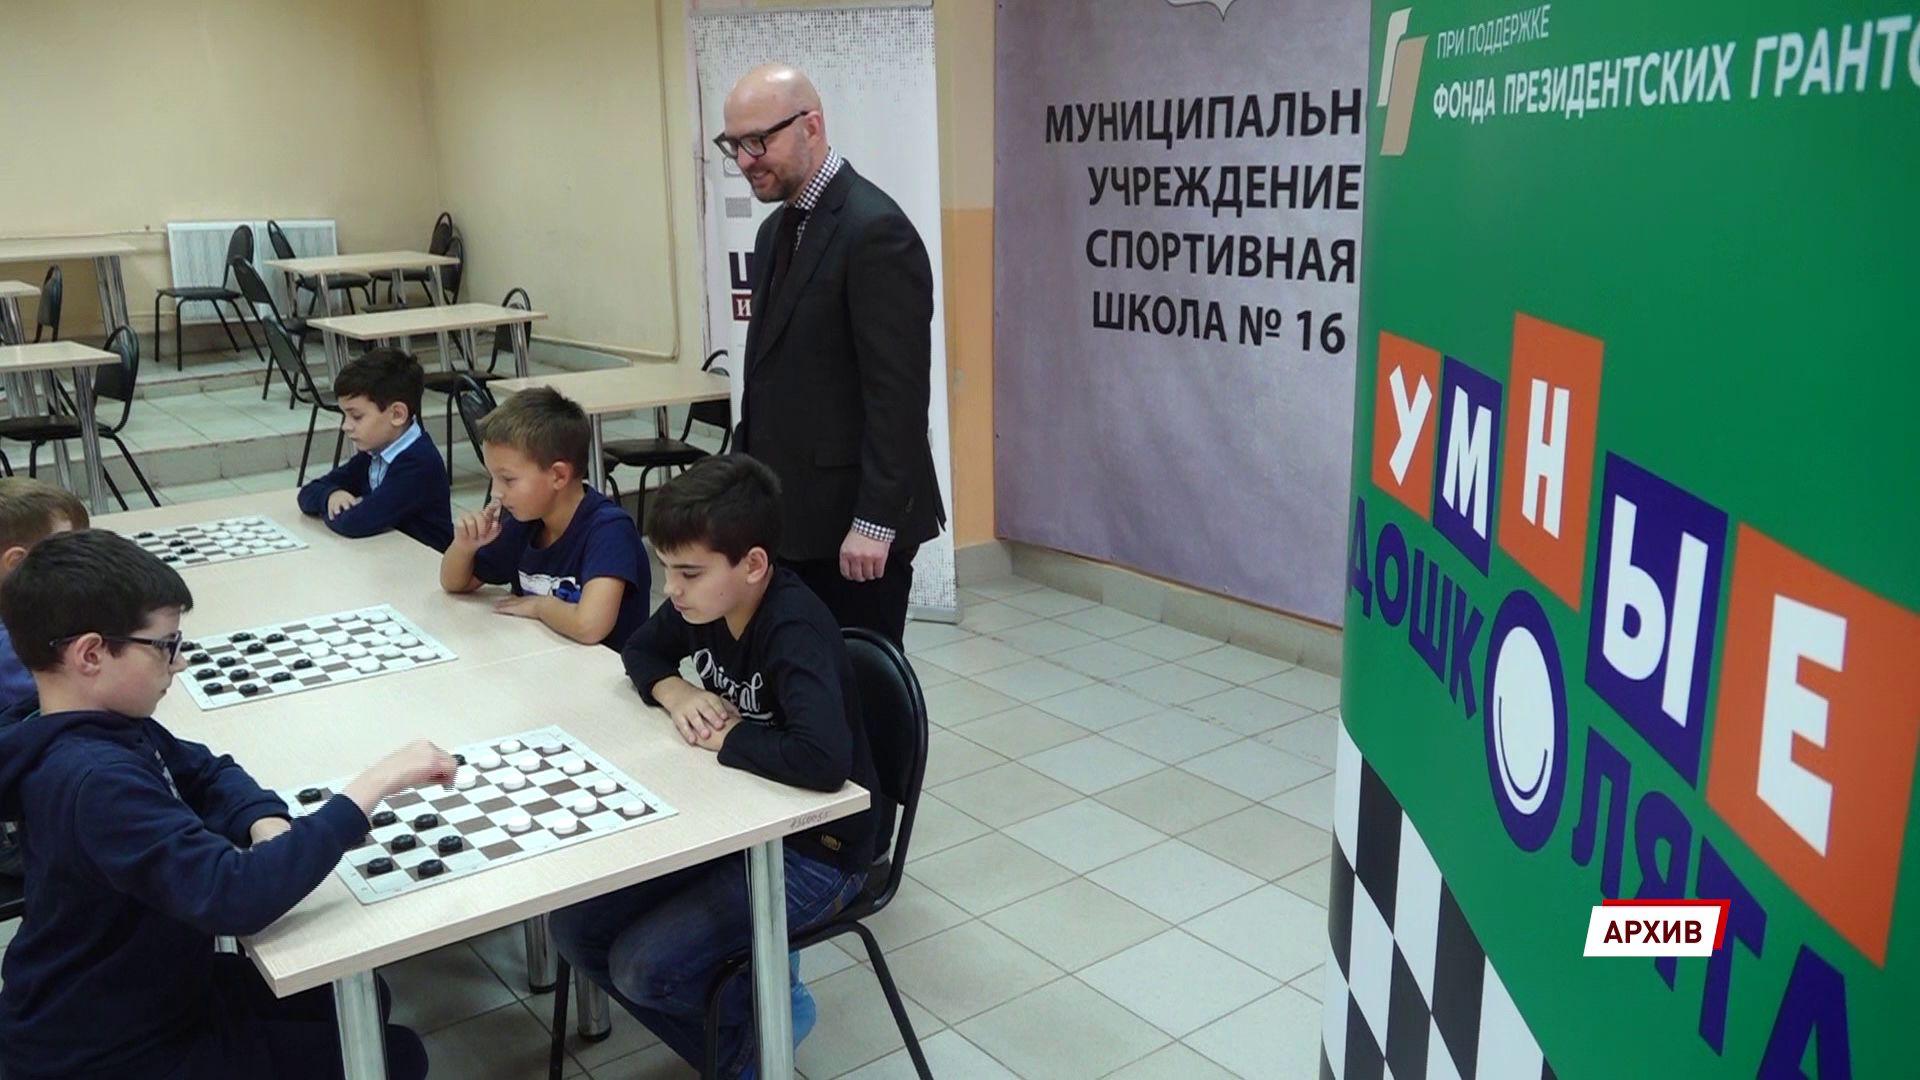 Ярославец стал чемпионом России по быстрым шашкам